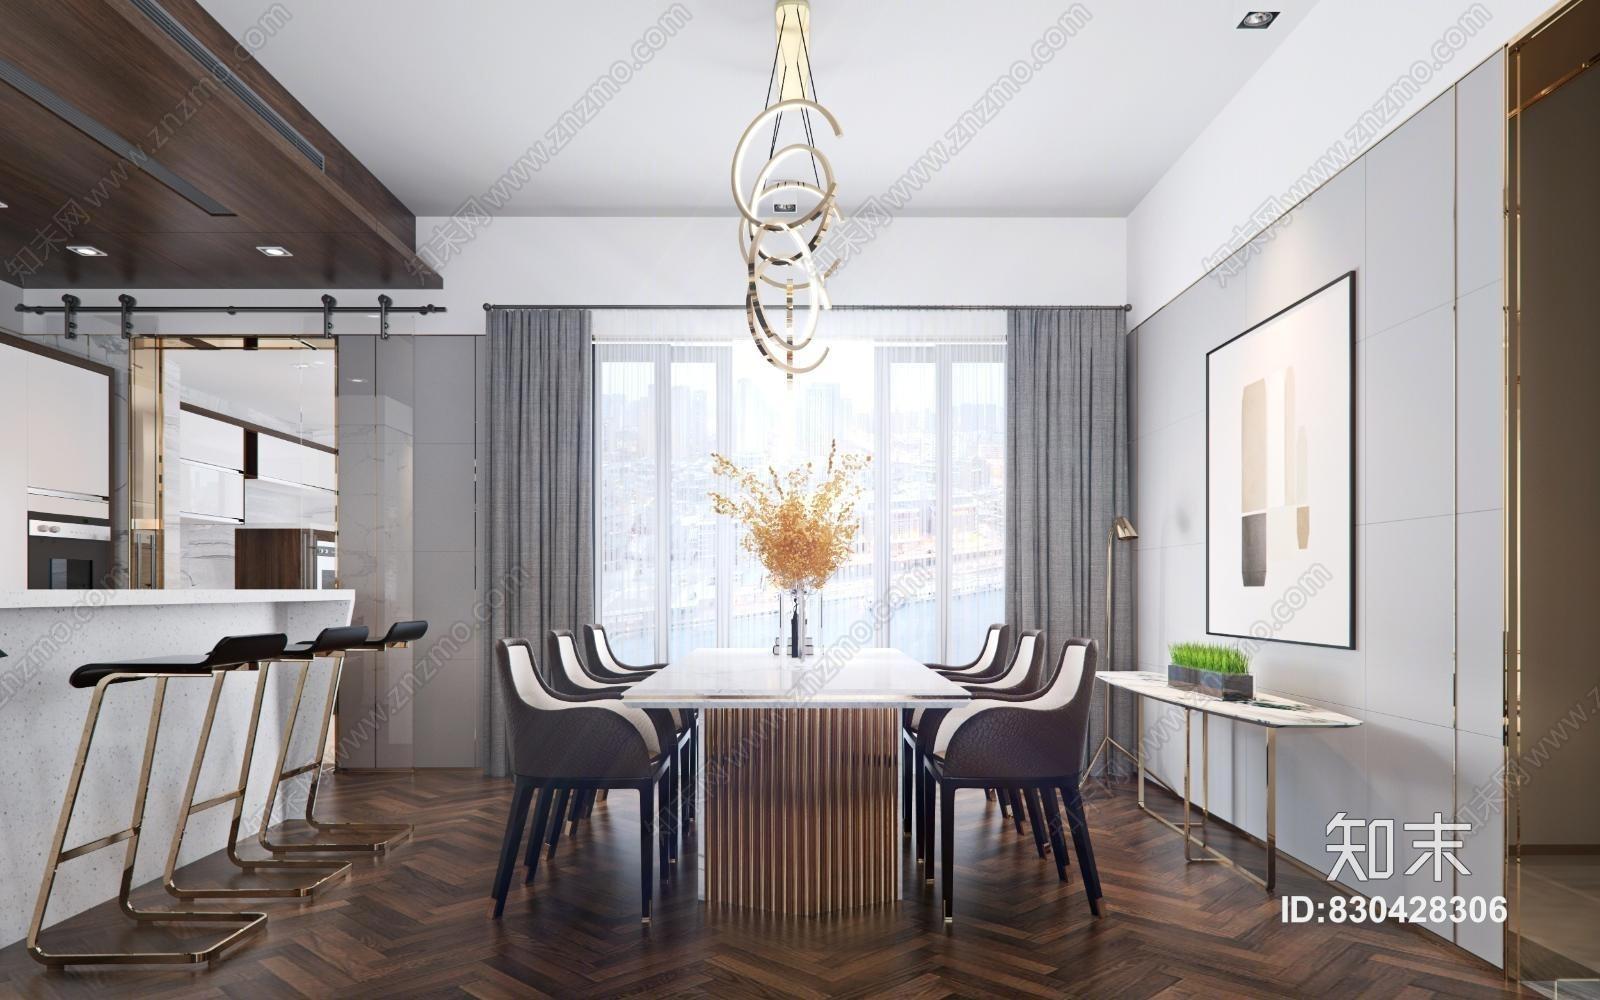 现代客餐厅 现代沙发椅组合 现代餐桌椅组合